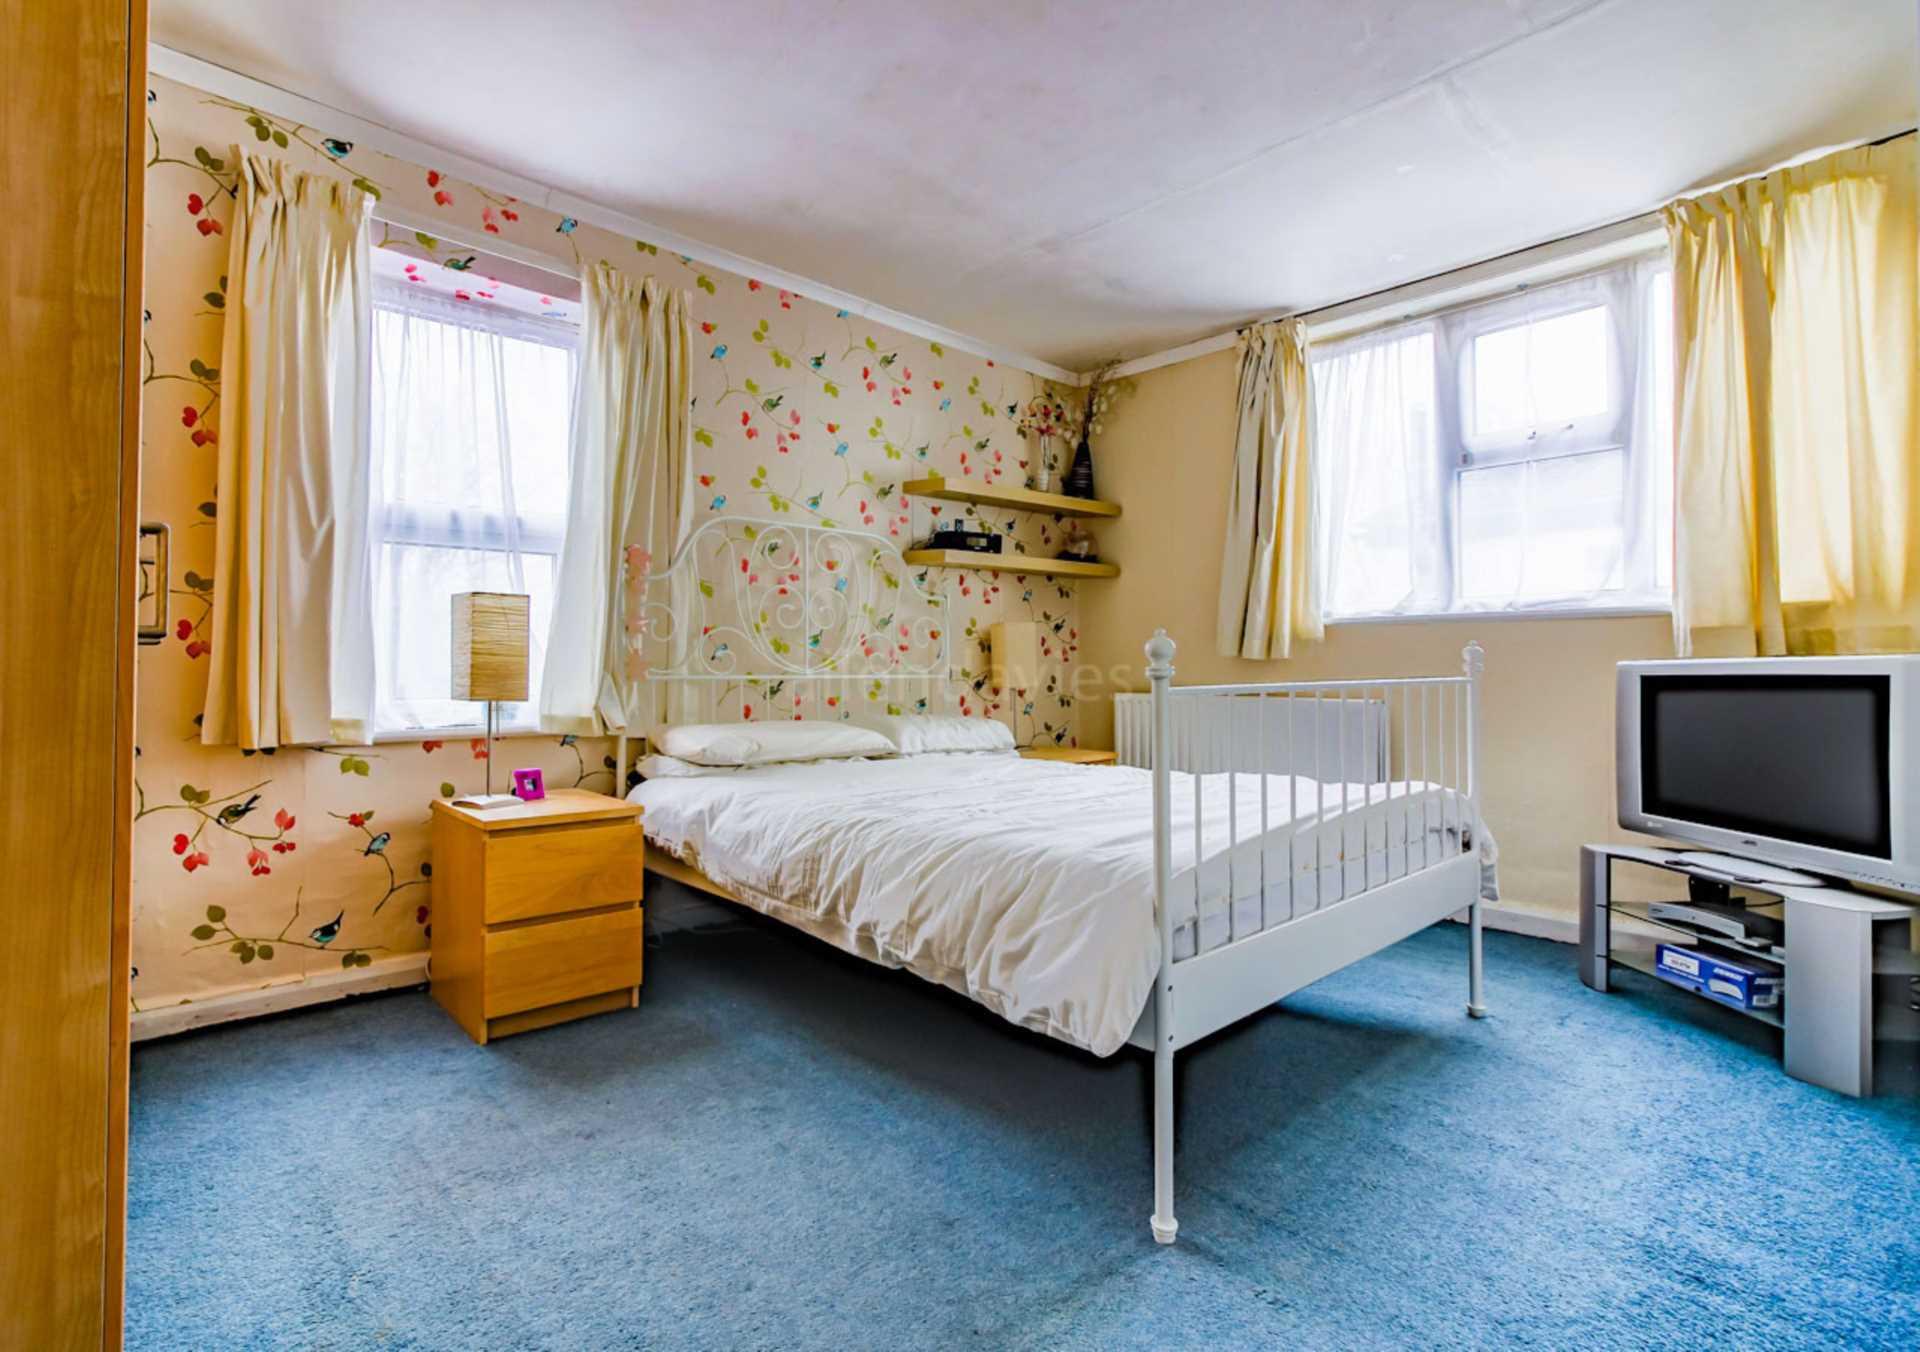 Goldsmith Road, Leyton, Image 9